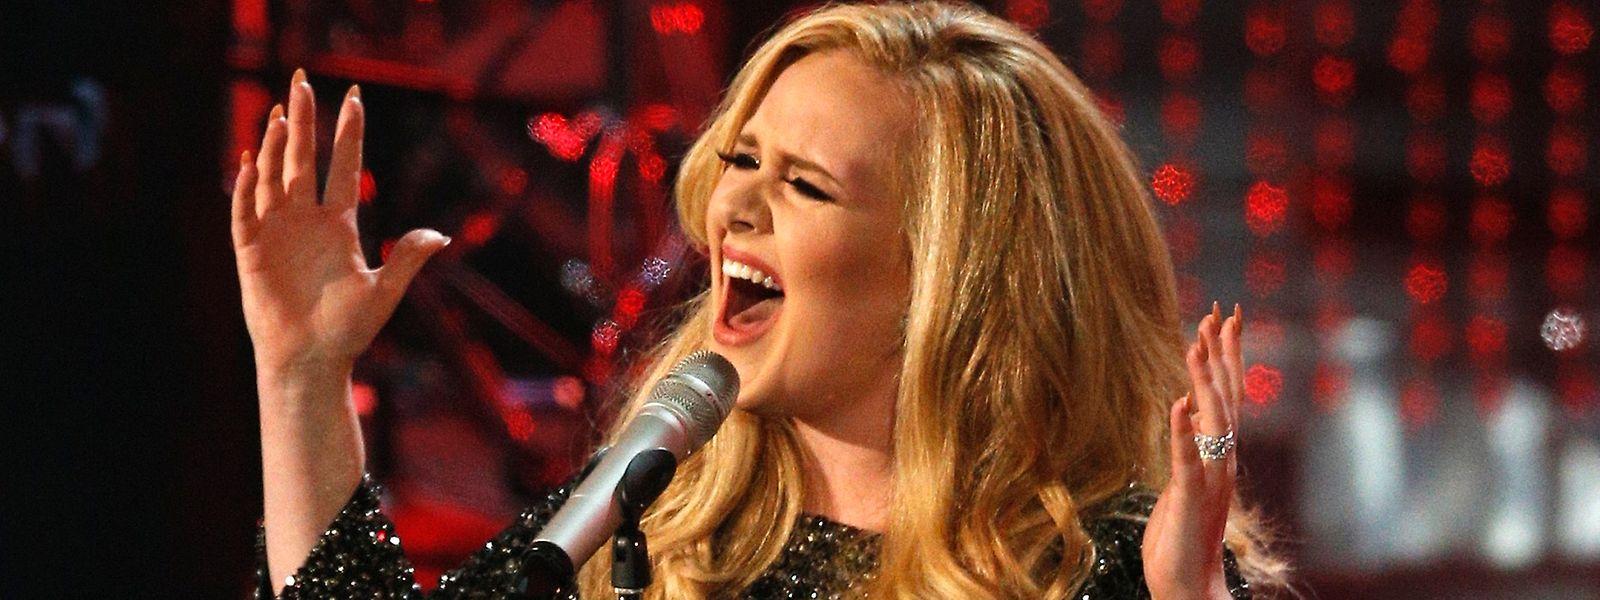 """Adele a battu un record avec sa nouvelle chanson """"Hello""""."""